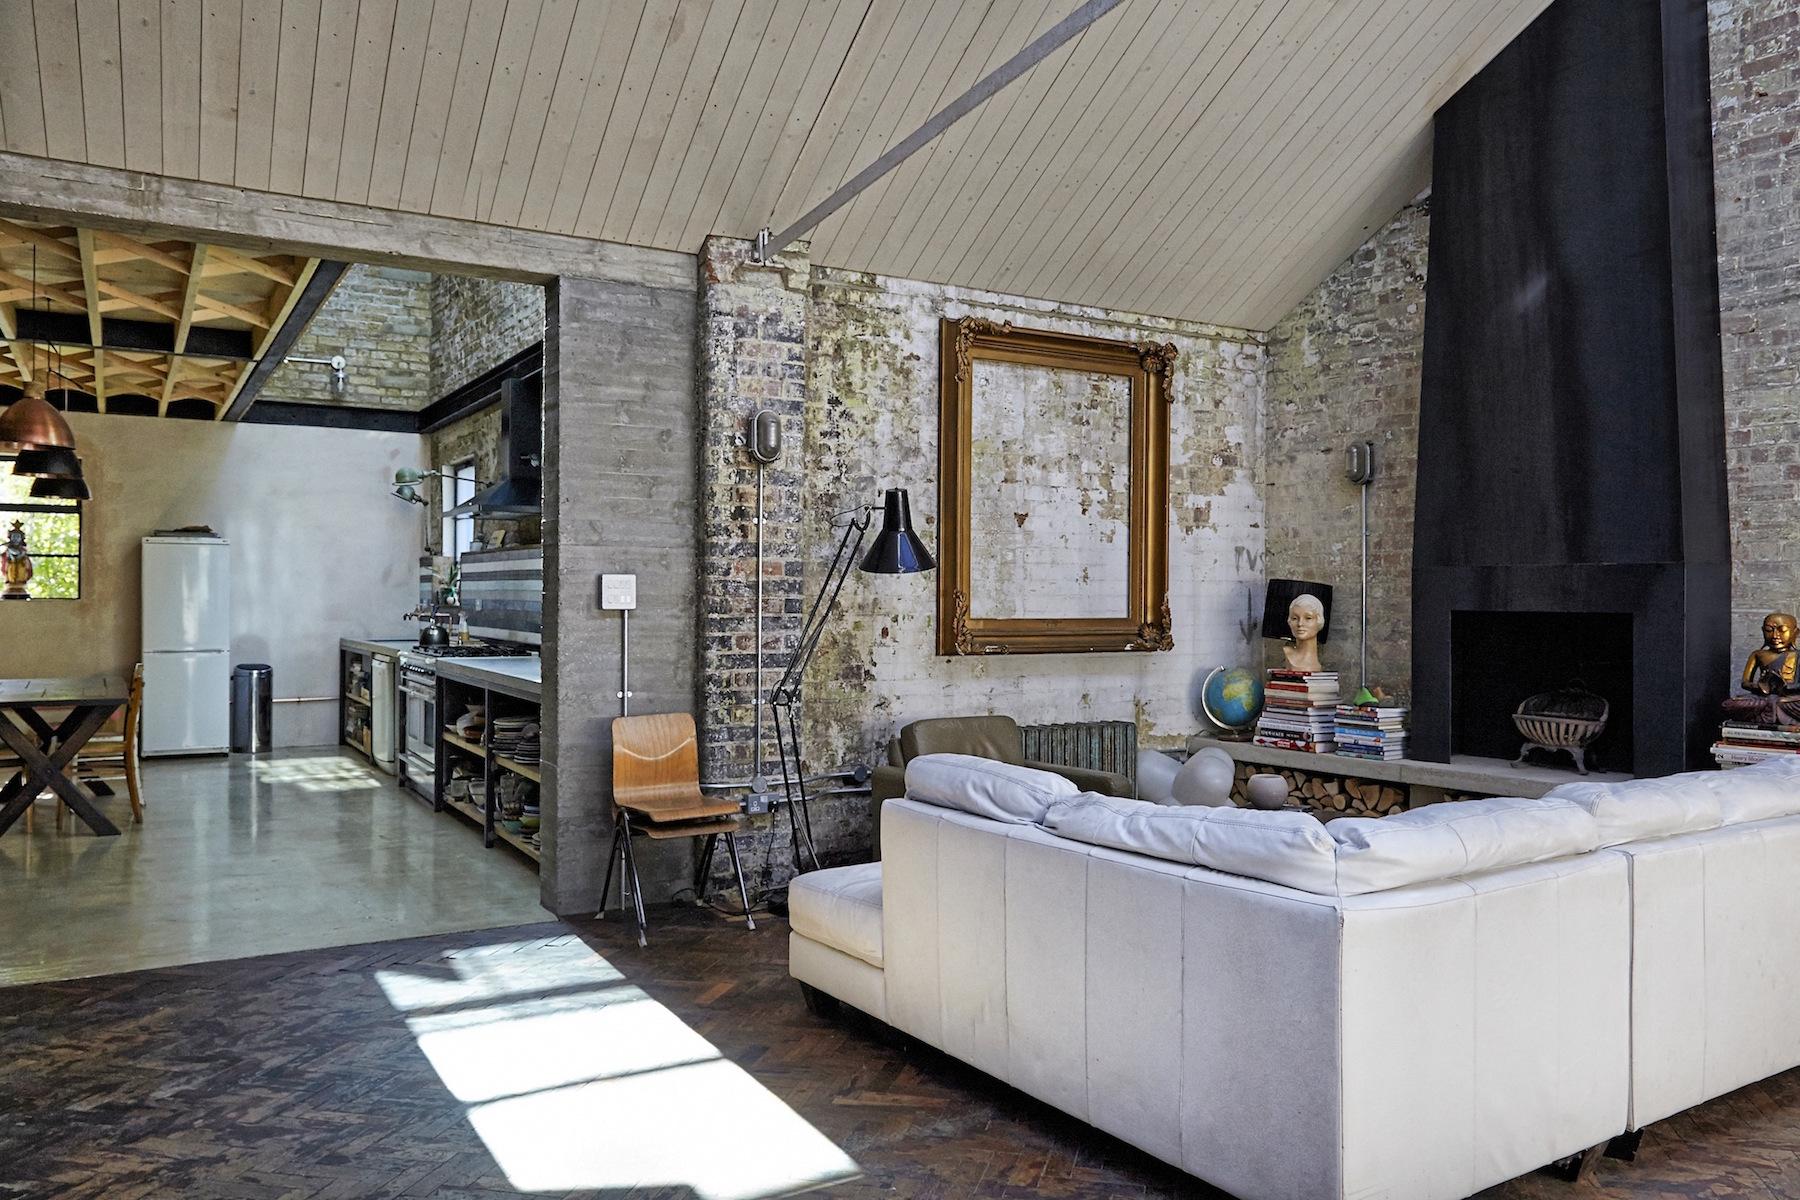 Un loft dallo stile rustico a londra for Stile rustico